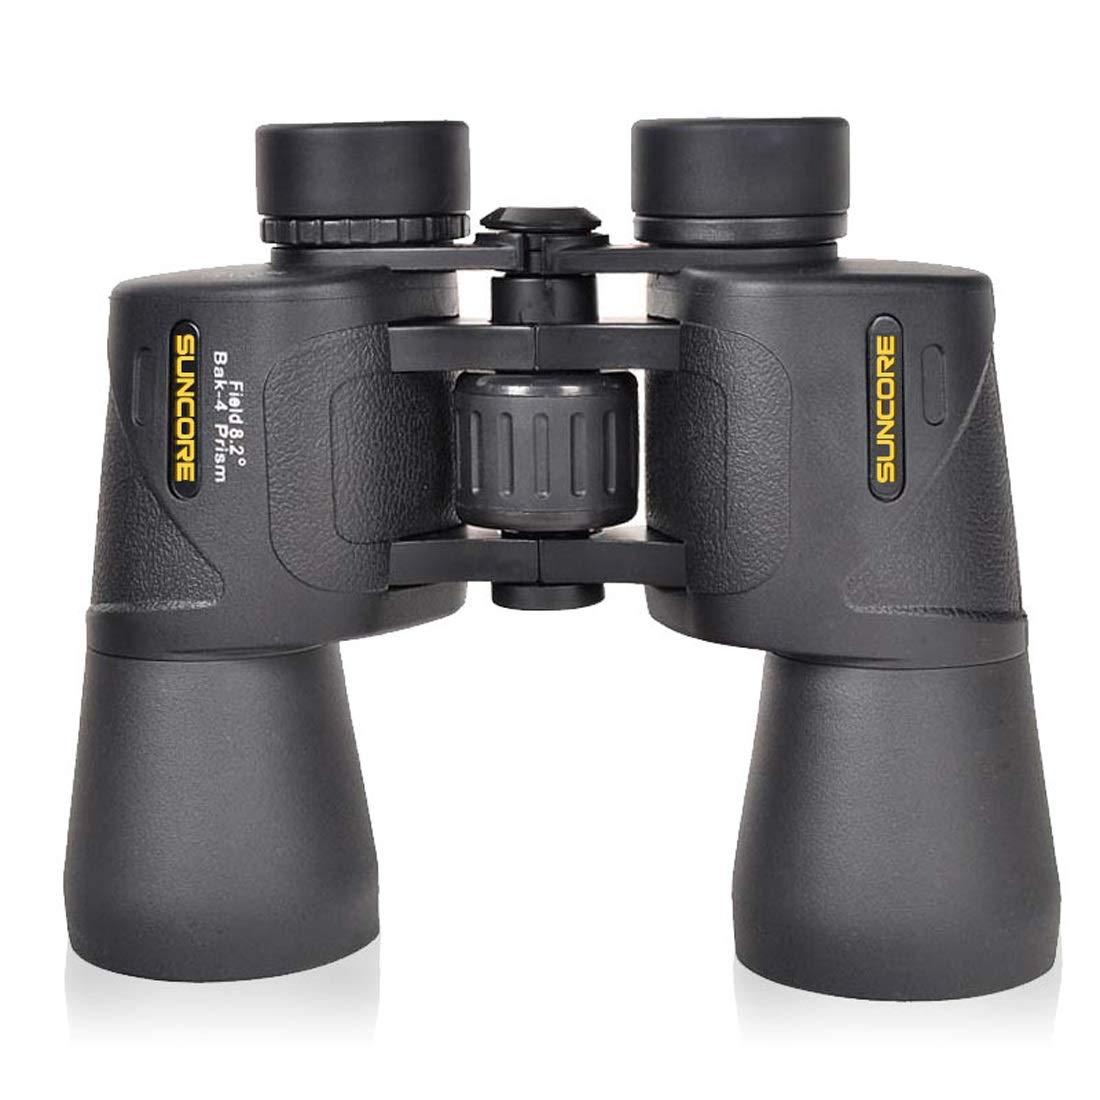 人気の Foxsed-five Foxsed-five コンパクト望遠鏡専門の鳥双眼鏡を見て 20X50、屋外の観光のための防水フォグプルーフ望遠鏡旅行ハンティングゲーム 20X50 B07LC5H4CF ブラック B07LC5H4CF, マルガメシ:e6b985b7 --- hohpartnership-com.access.secure-ssl-servers.biz